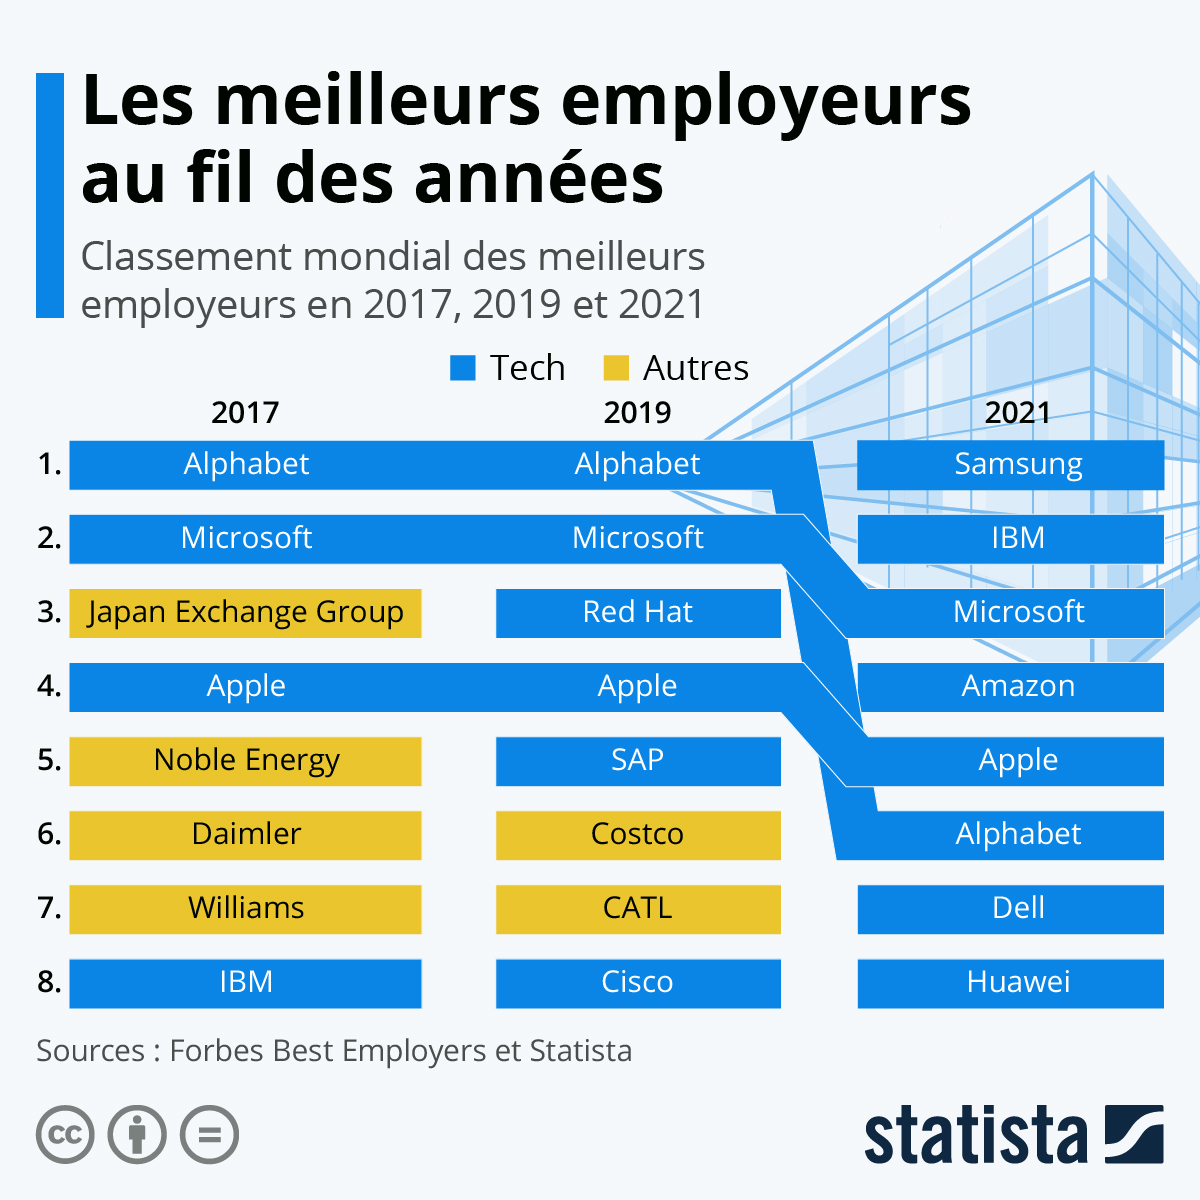 Infographie: Les meilleurs employeurs du monde au fil des années | Statista